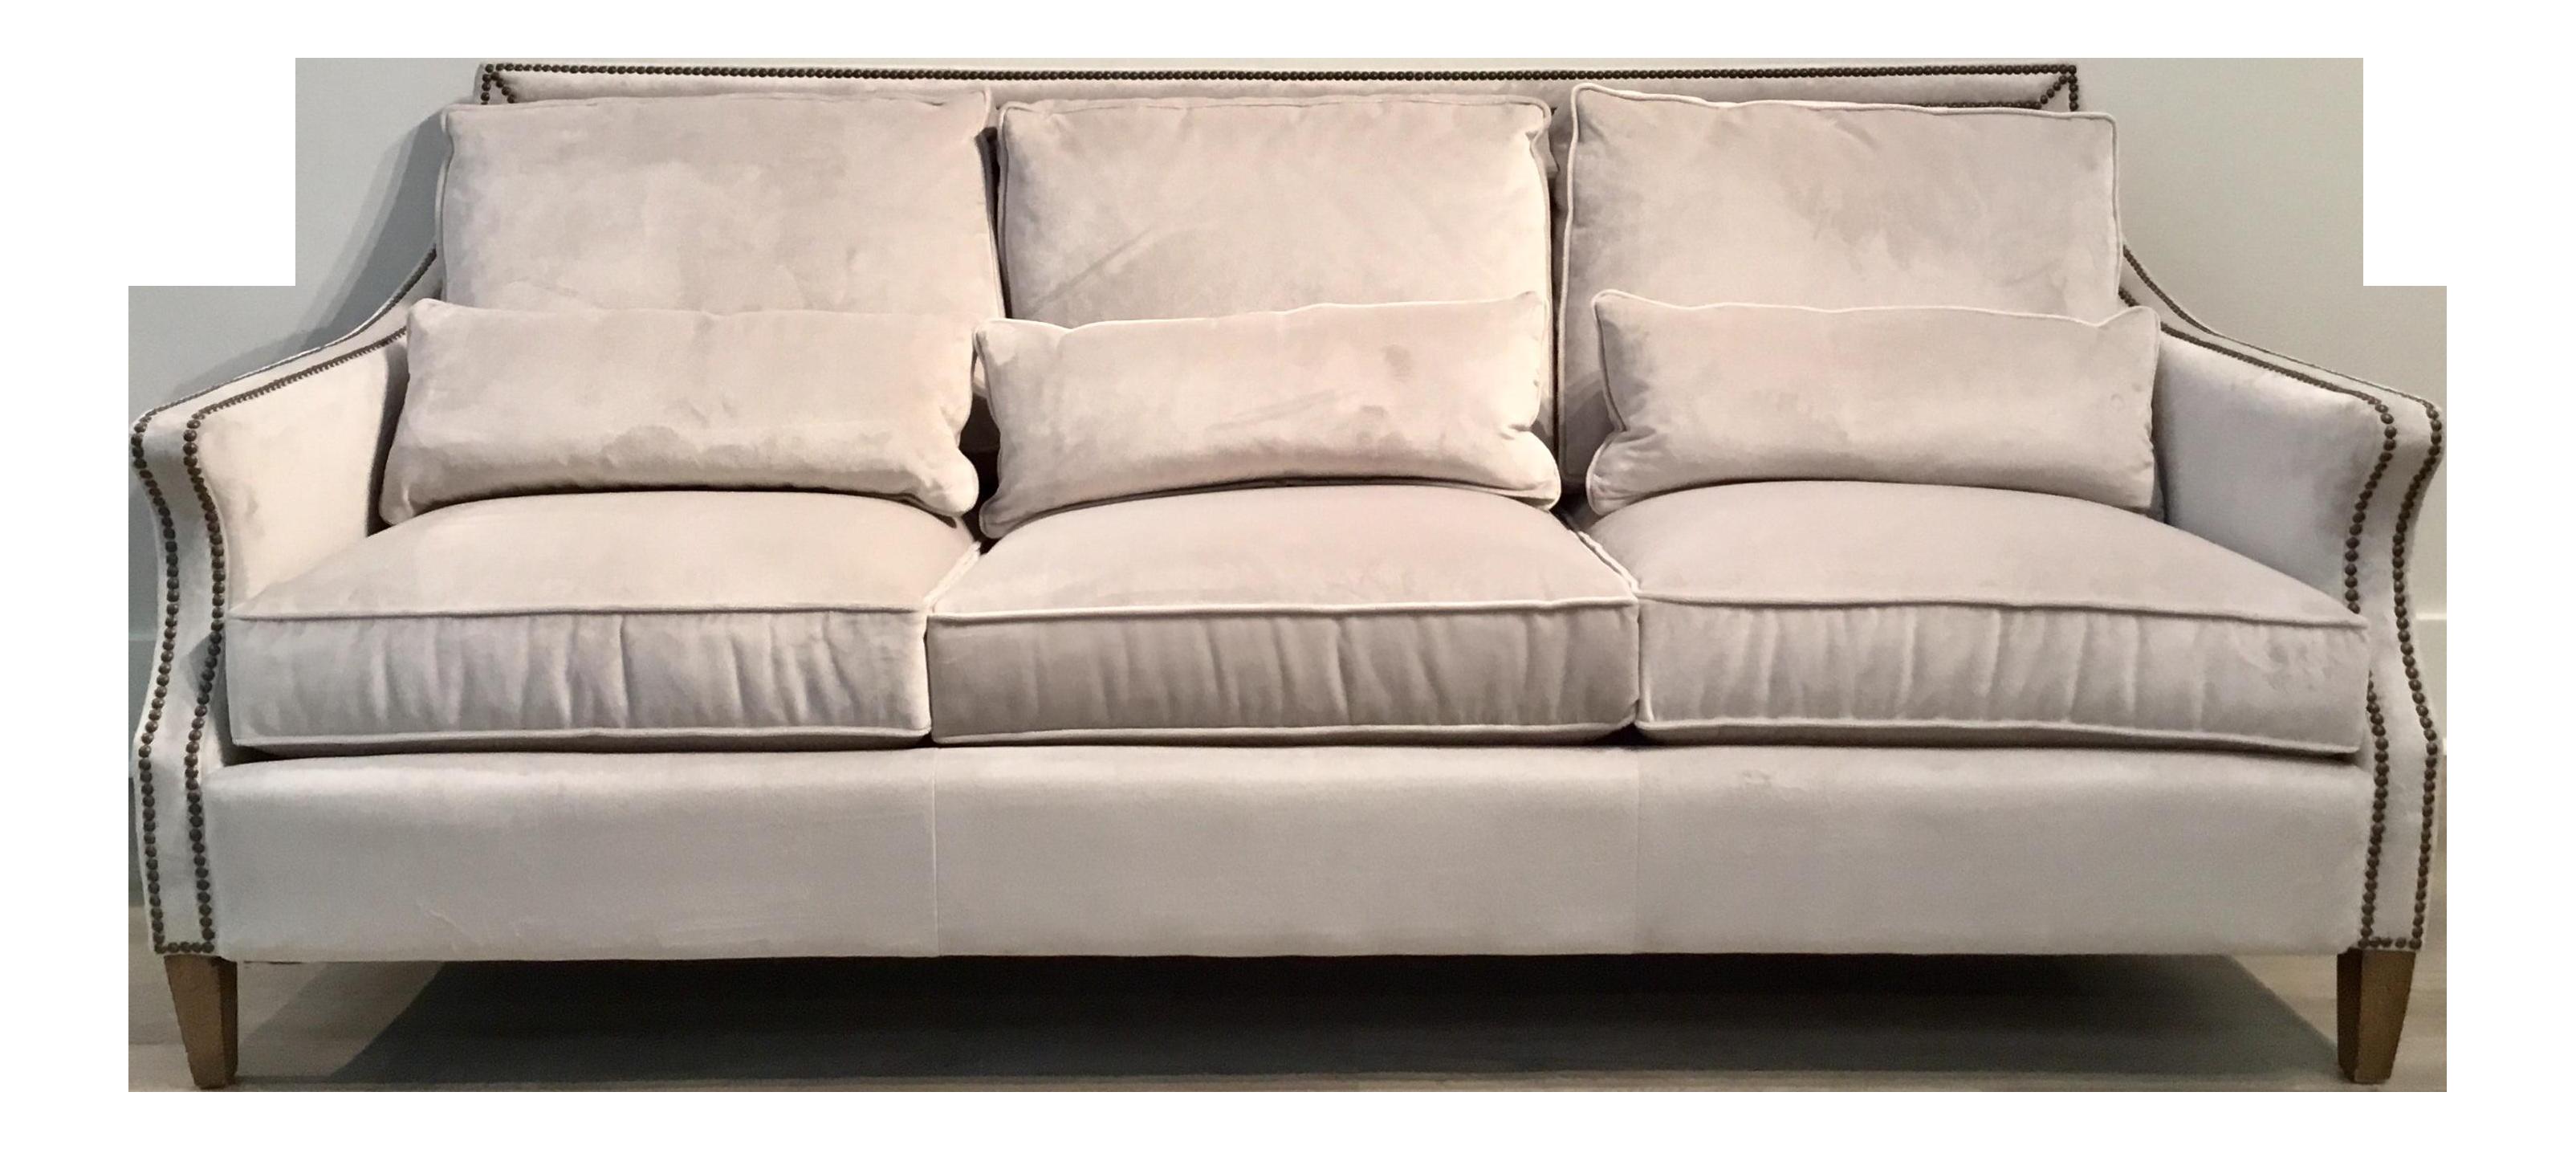 Thomasville Modern Gray Velvet Sofa